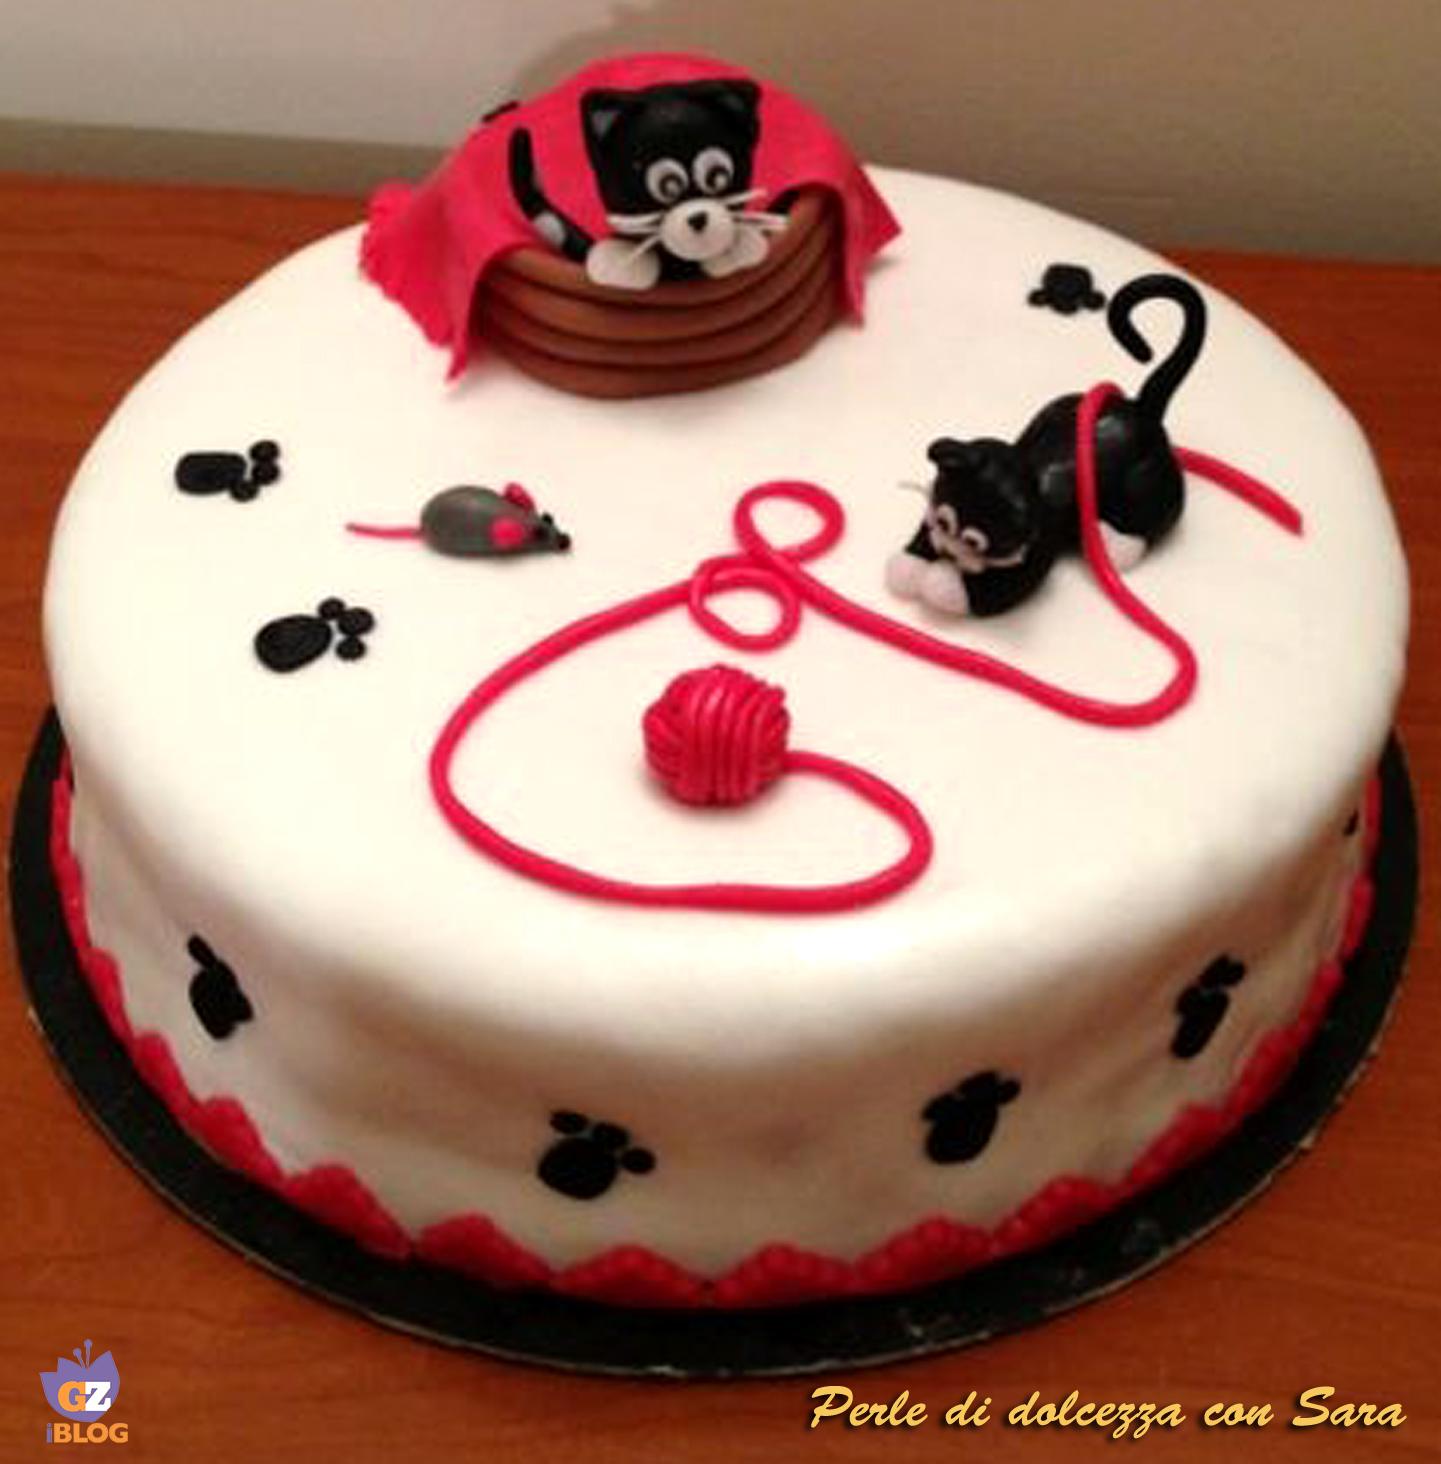 Cake design torta mamma gatta e micetto cucina con sara - La cucina di sara torte ...